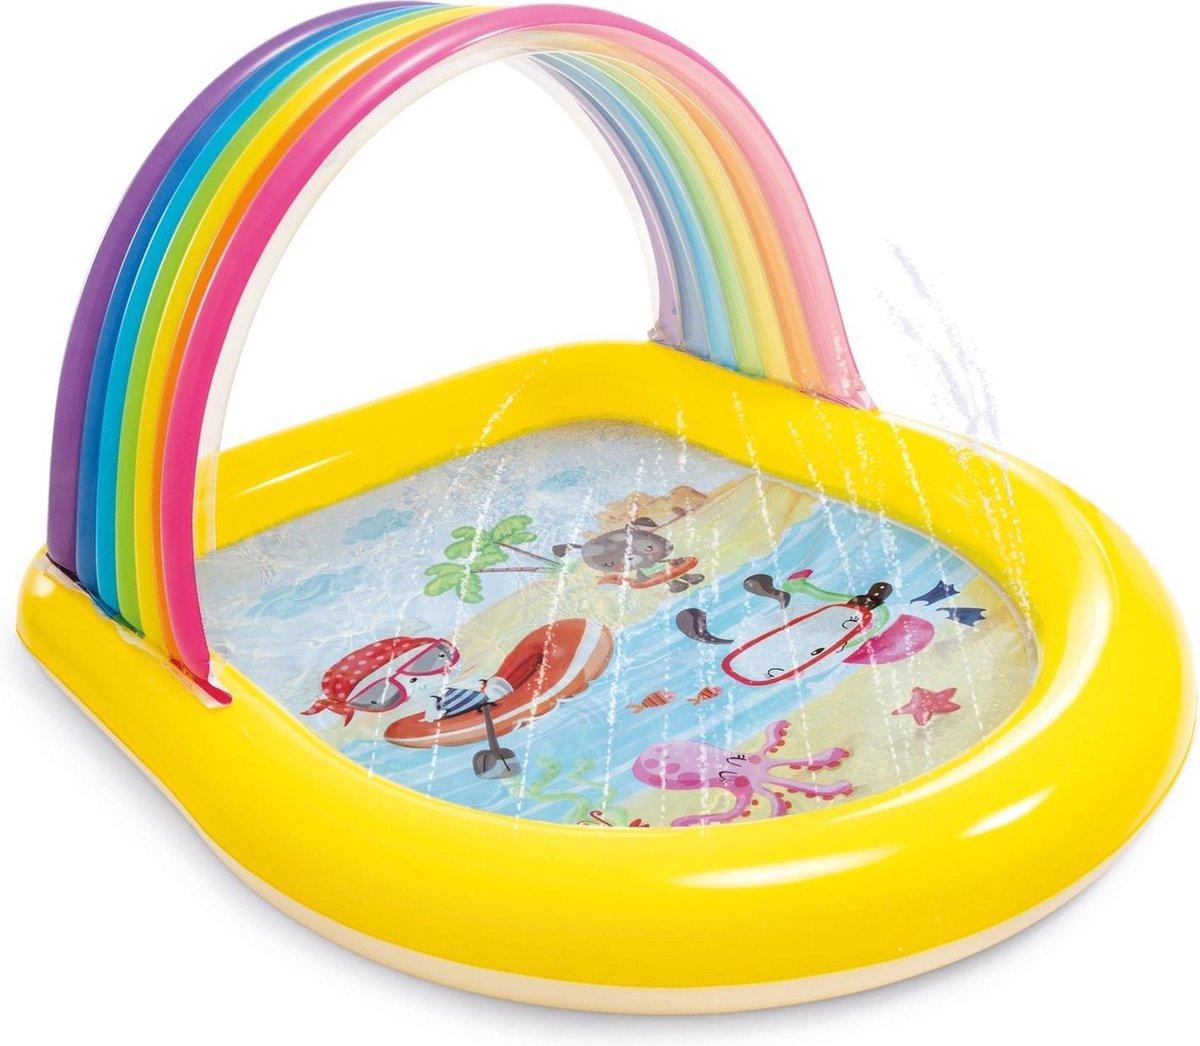 Intex Zwembad - geel/groen/paars/roze/blauw